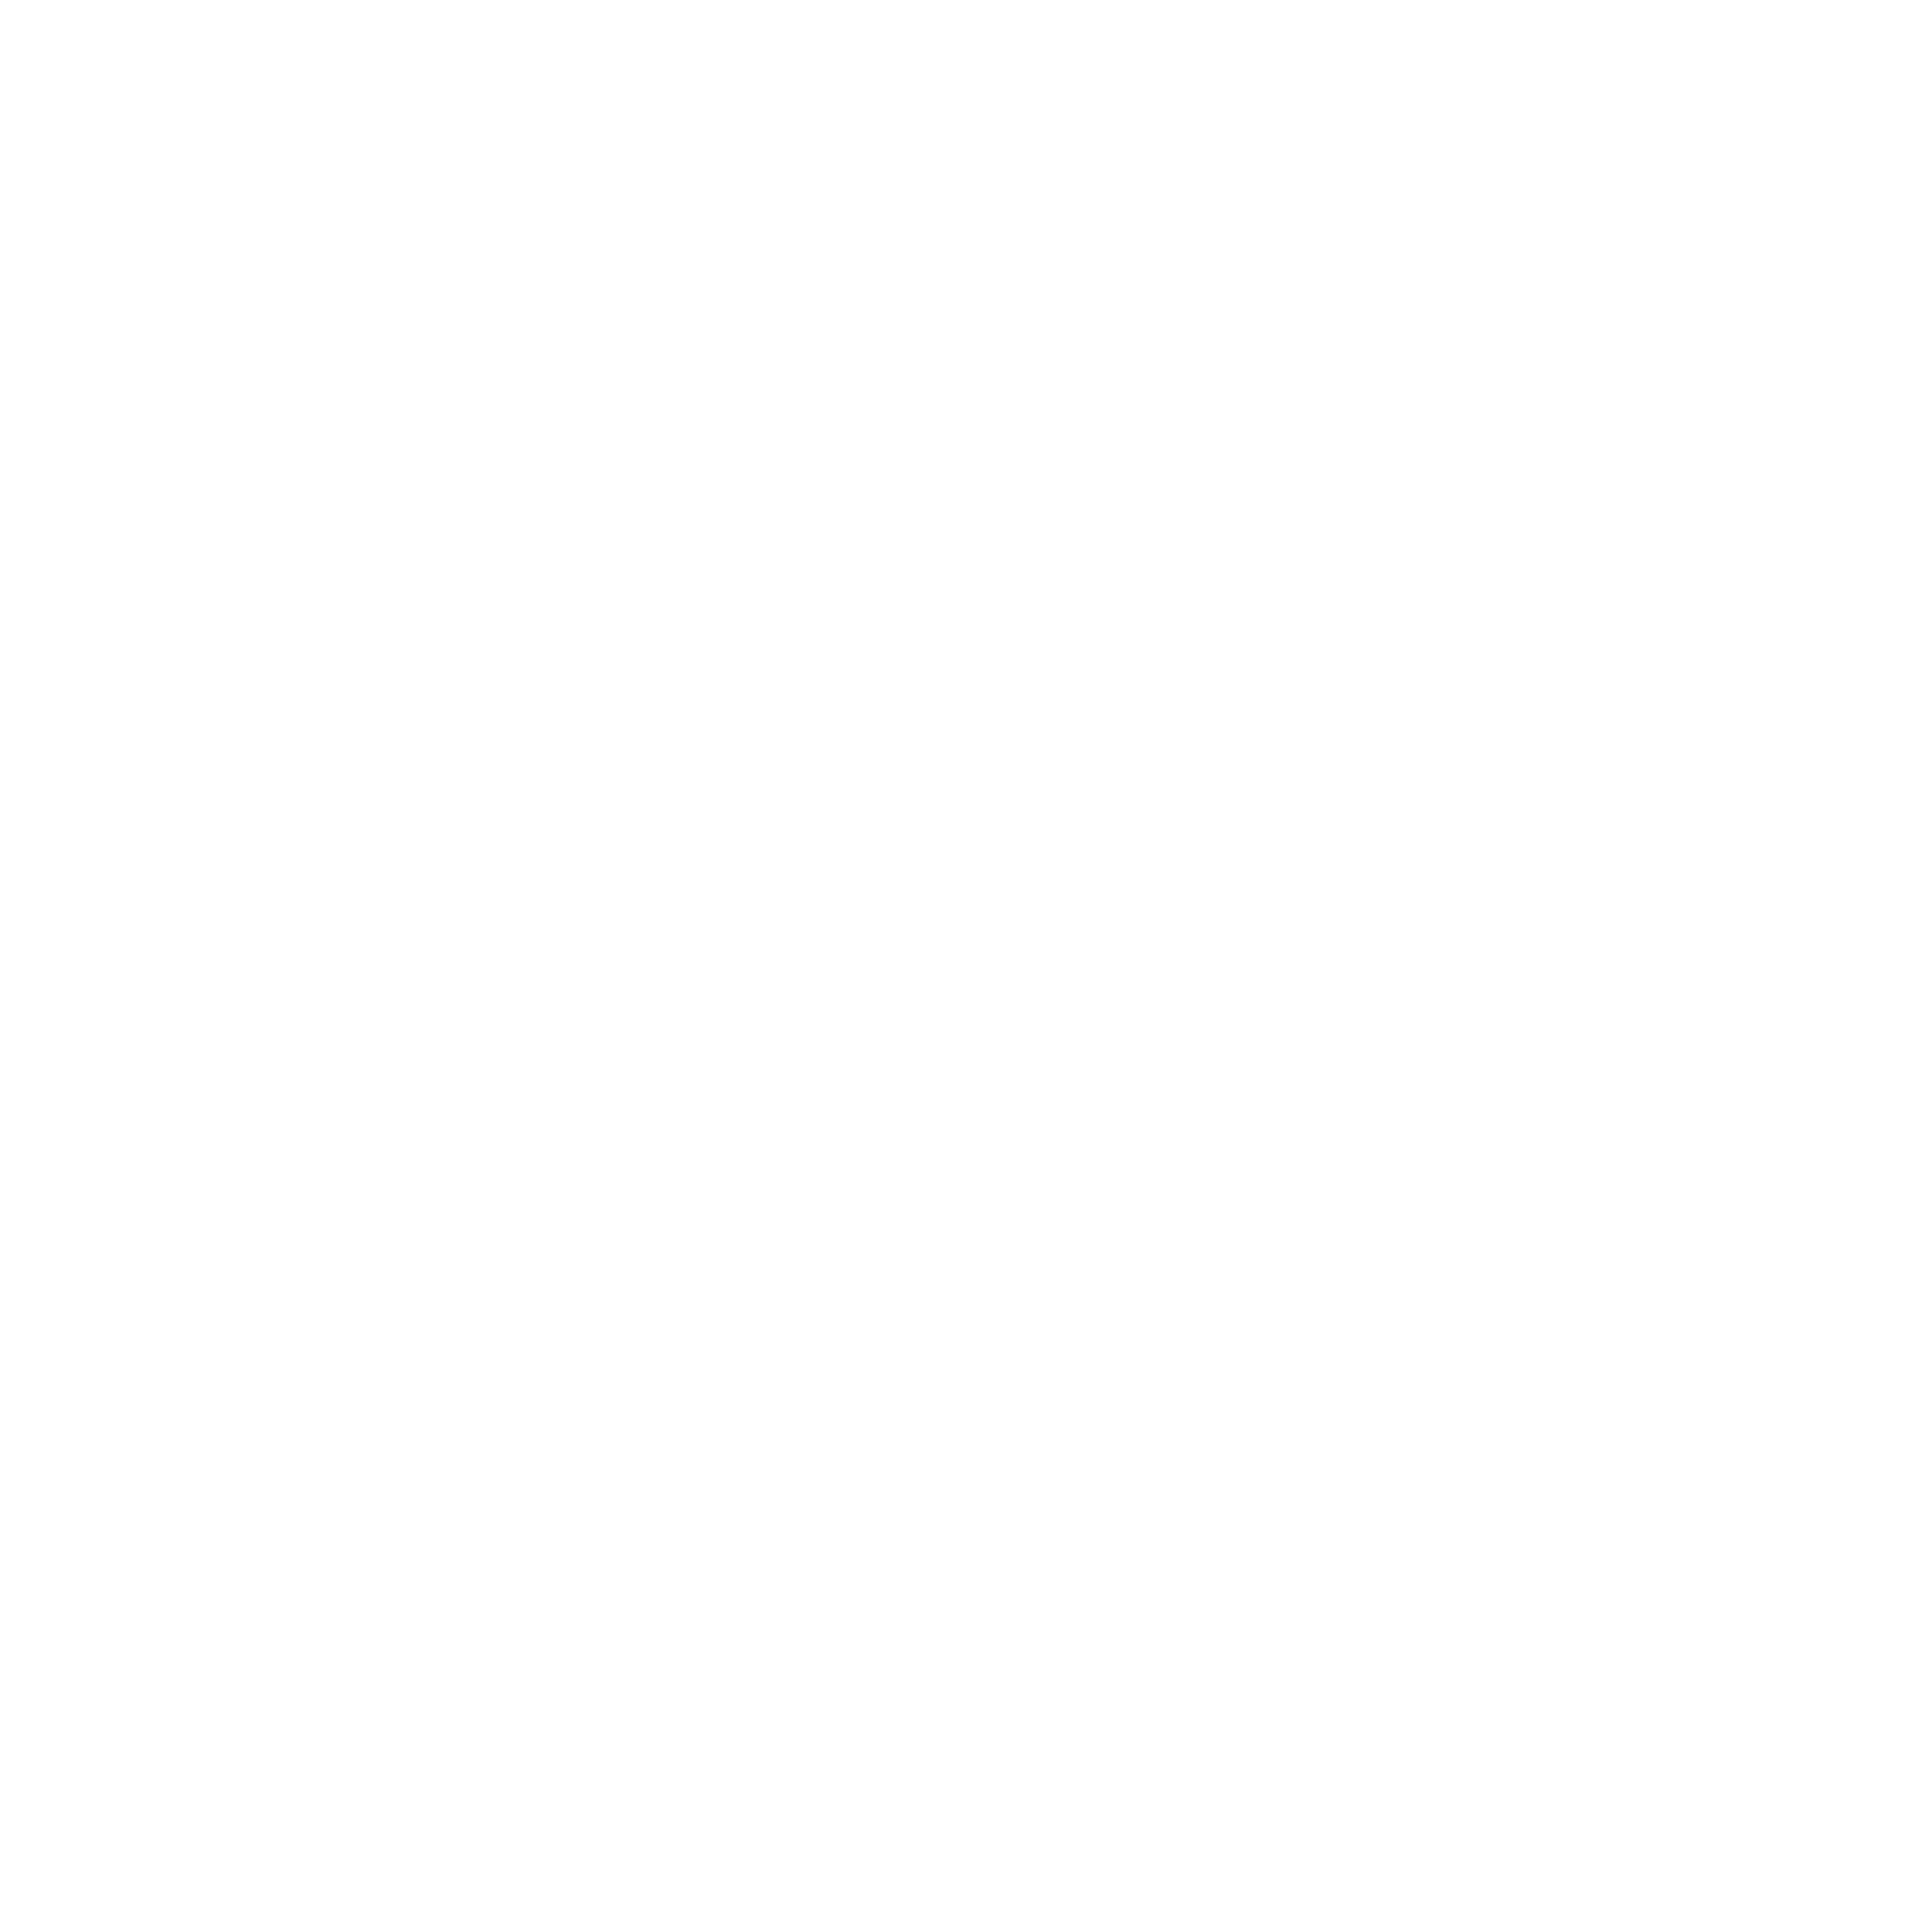 WineQuote